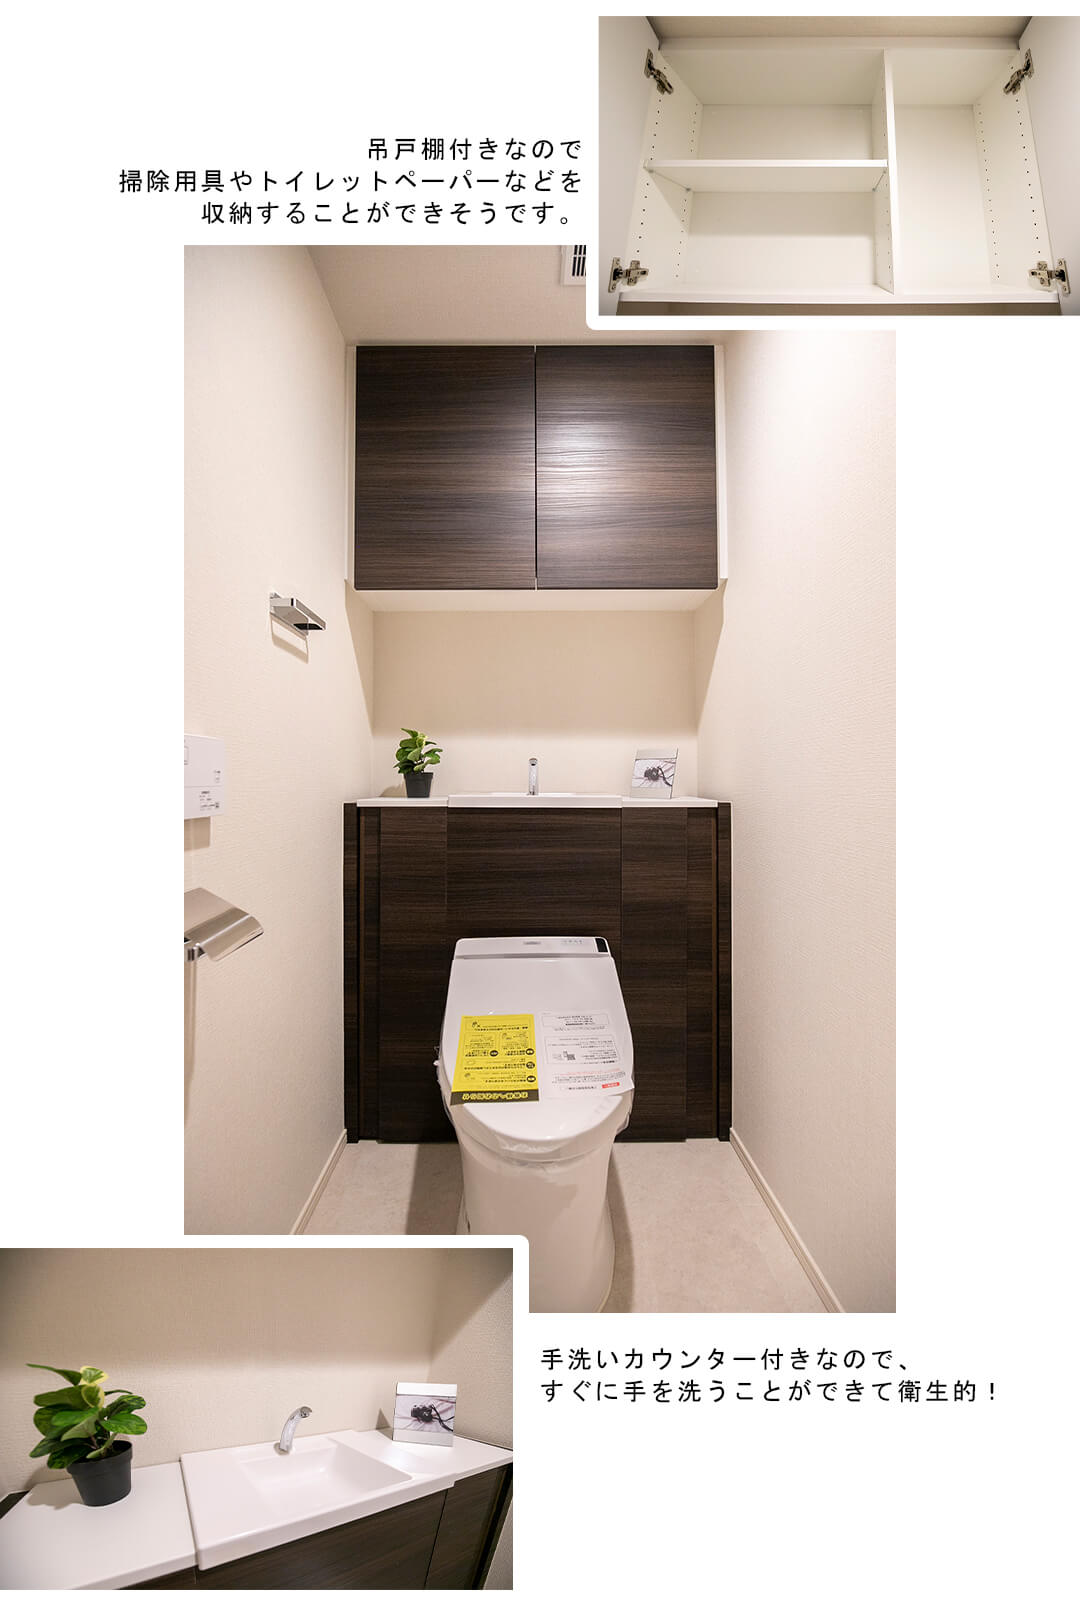 Brillia秋葉原のトイレ